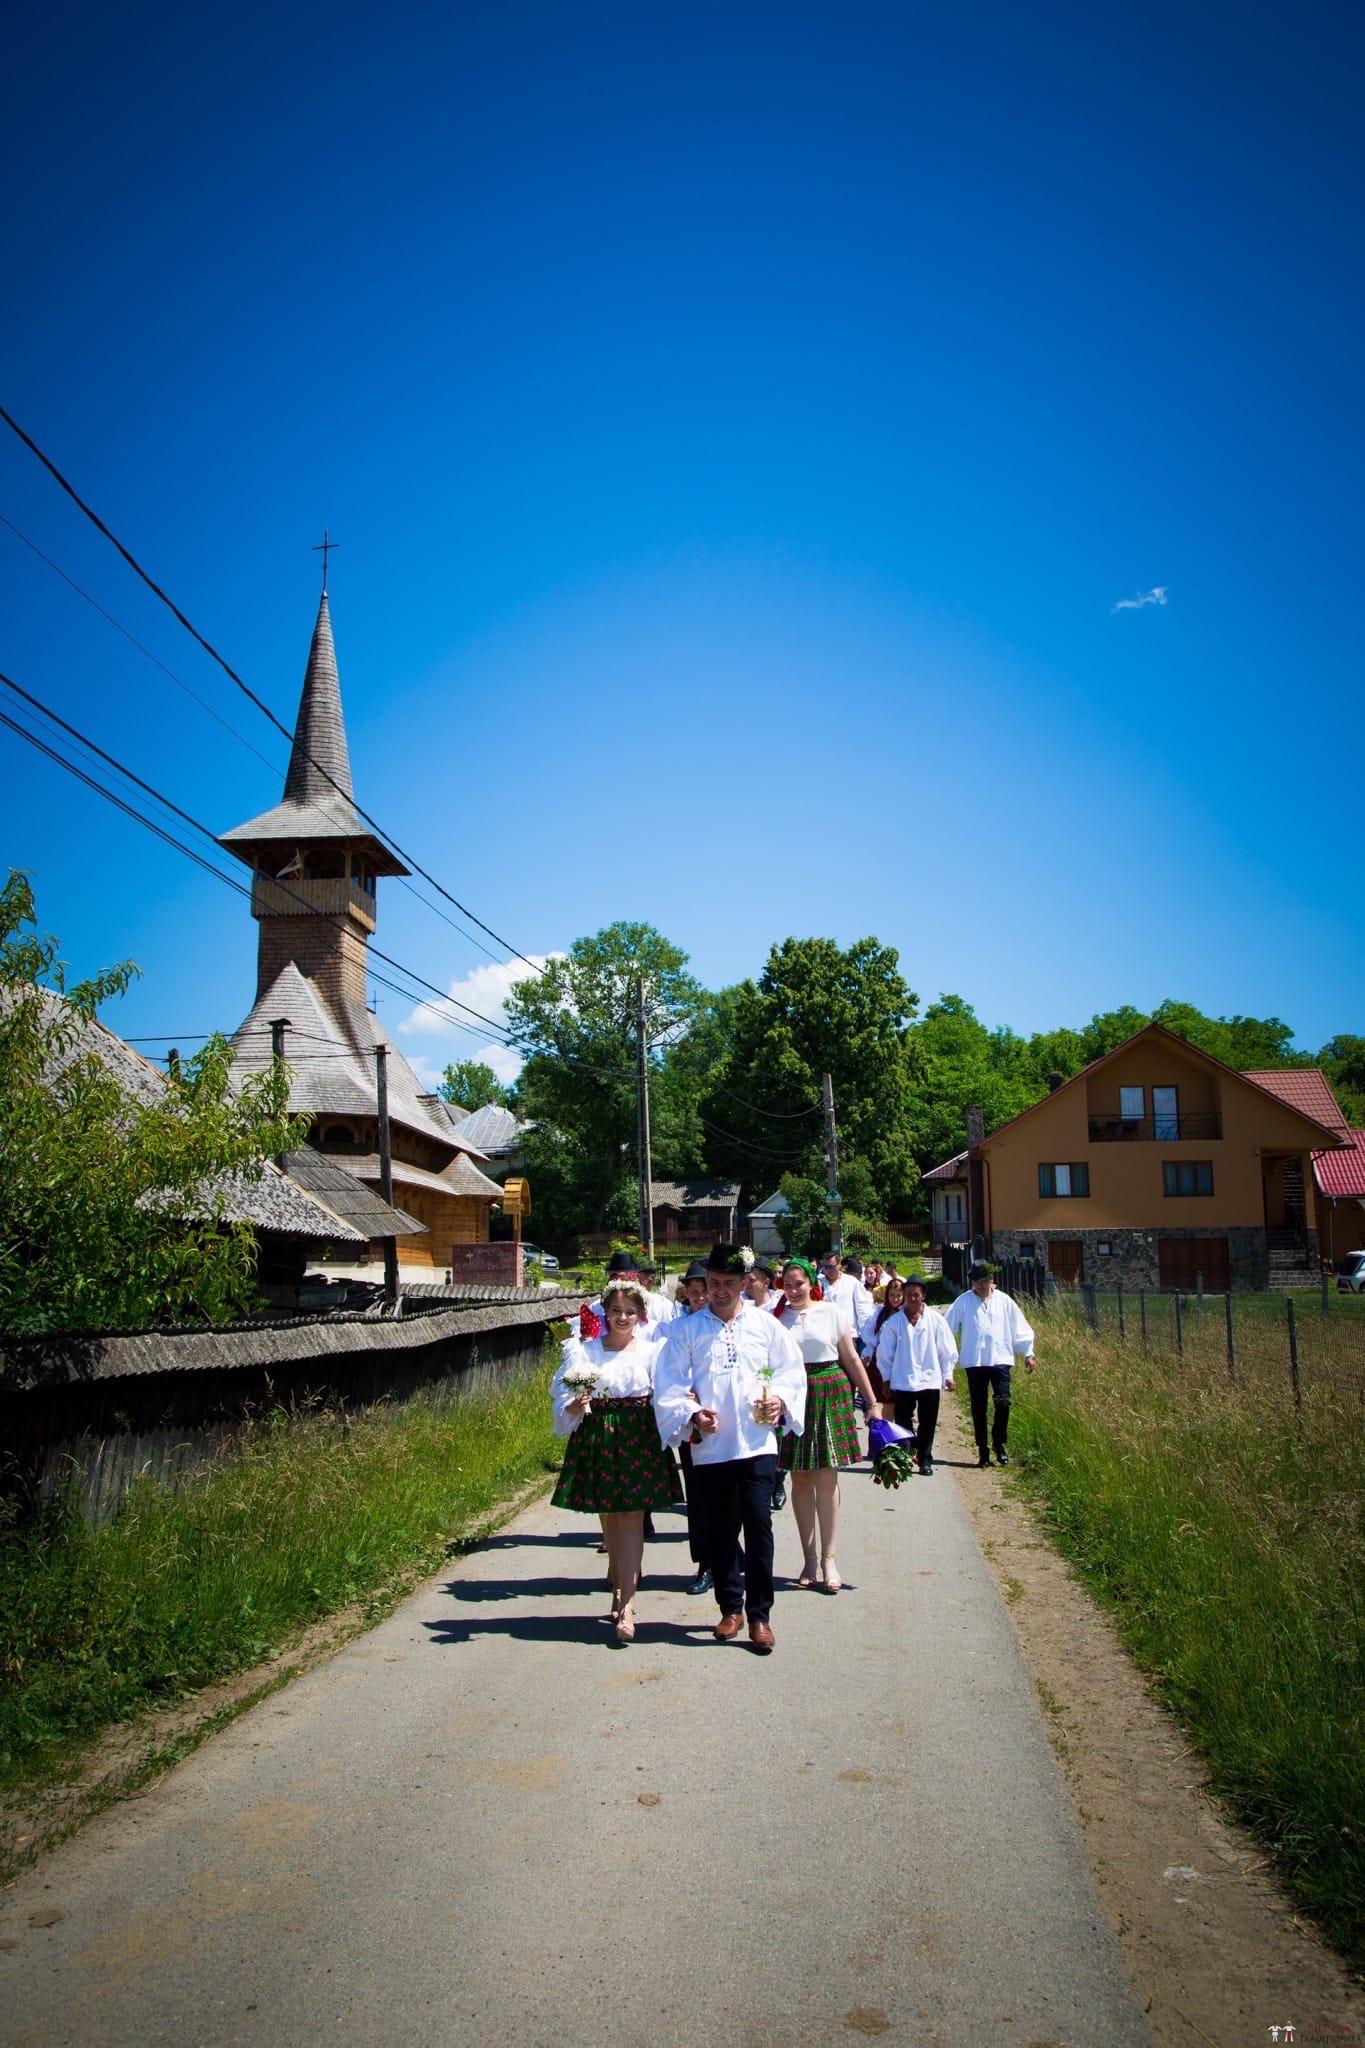 Povești Nunți Tradiționale - Ancuța și Nicu, cununie tradițională în Giulești, Maramureș 16